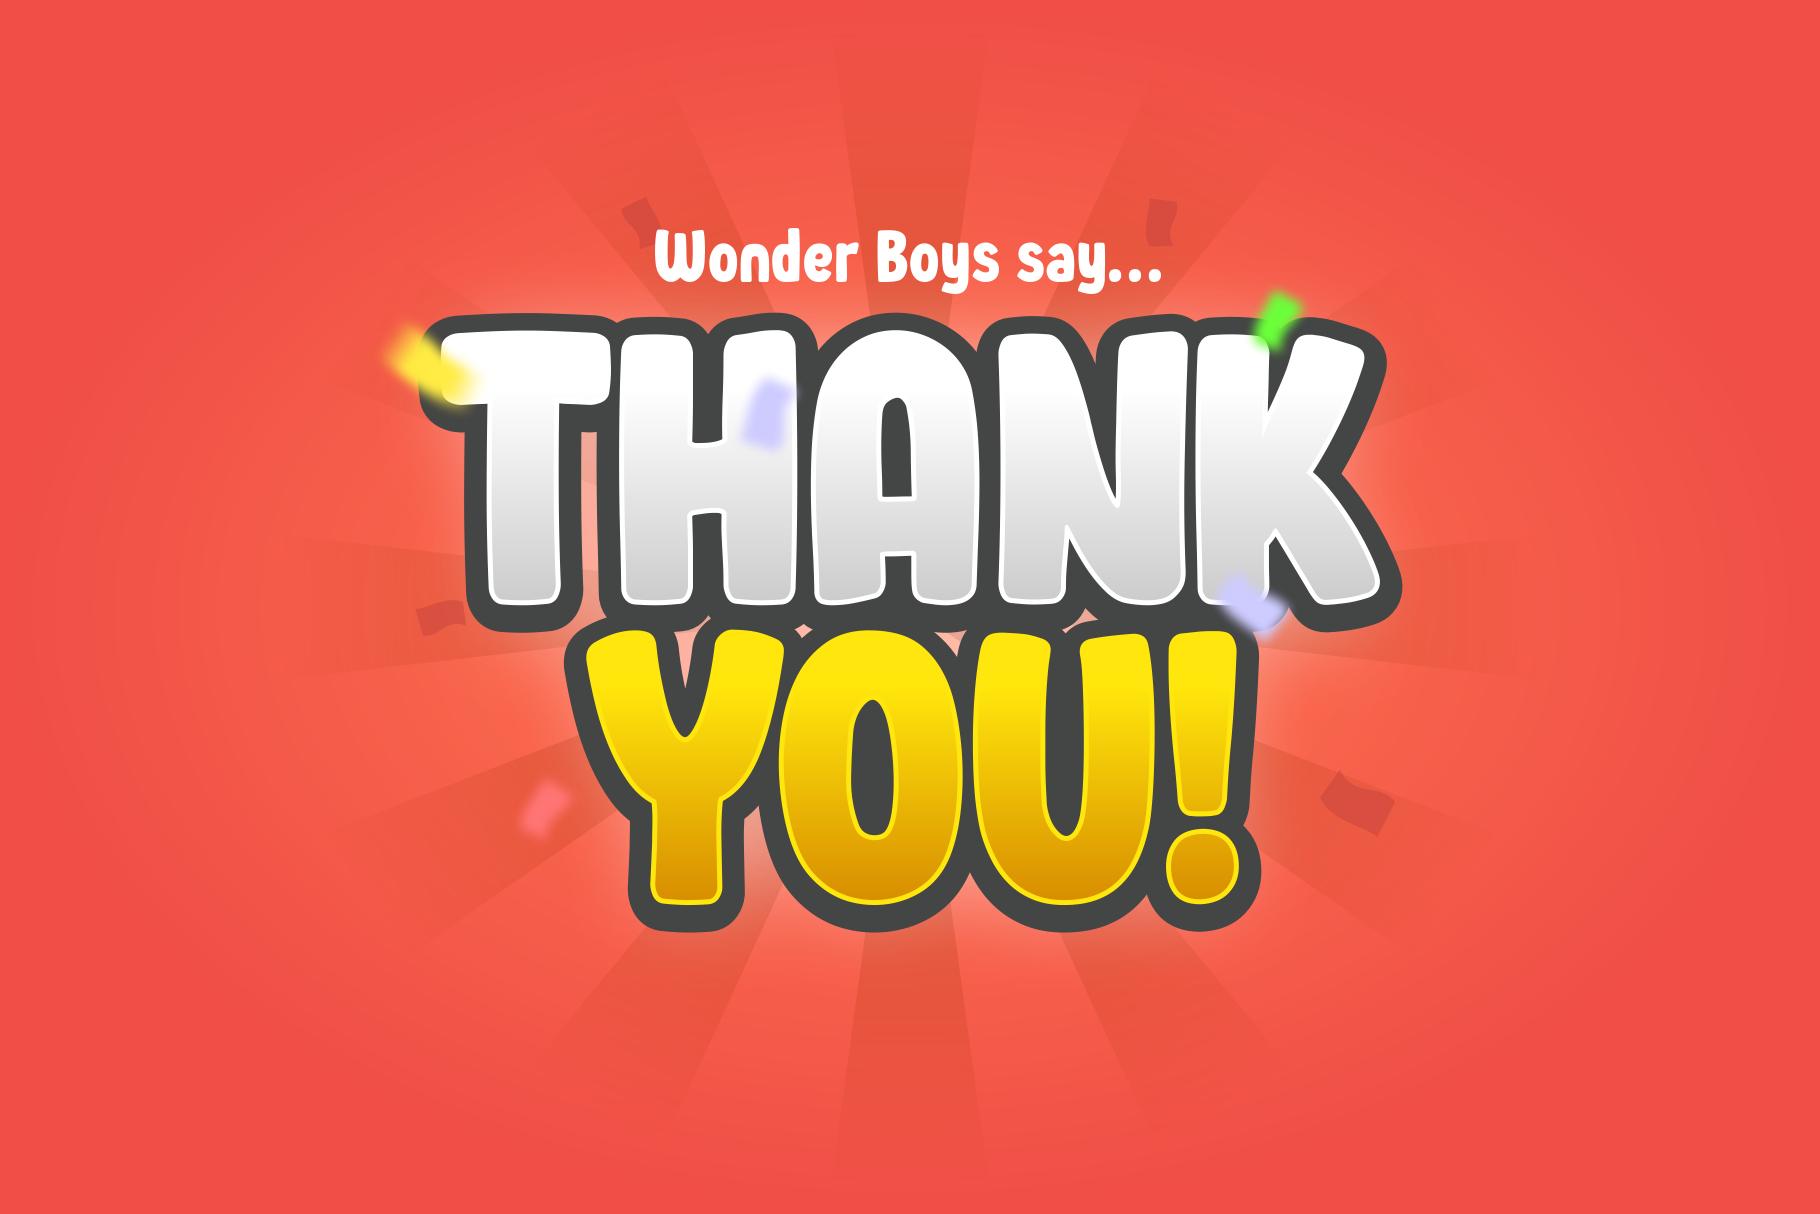 Wonder Boys - Fun Kids Font Display example image 11